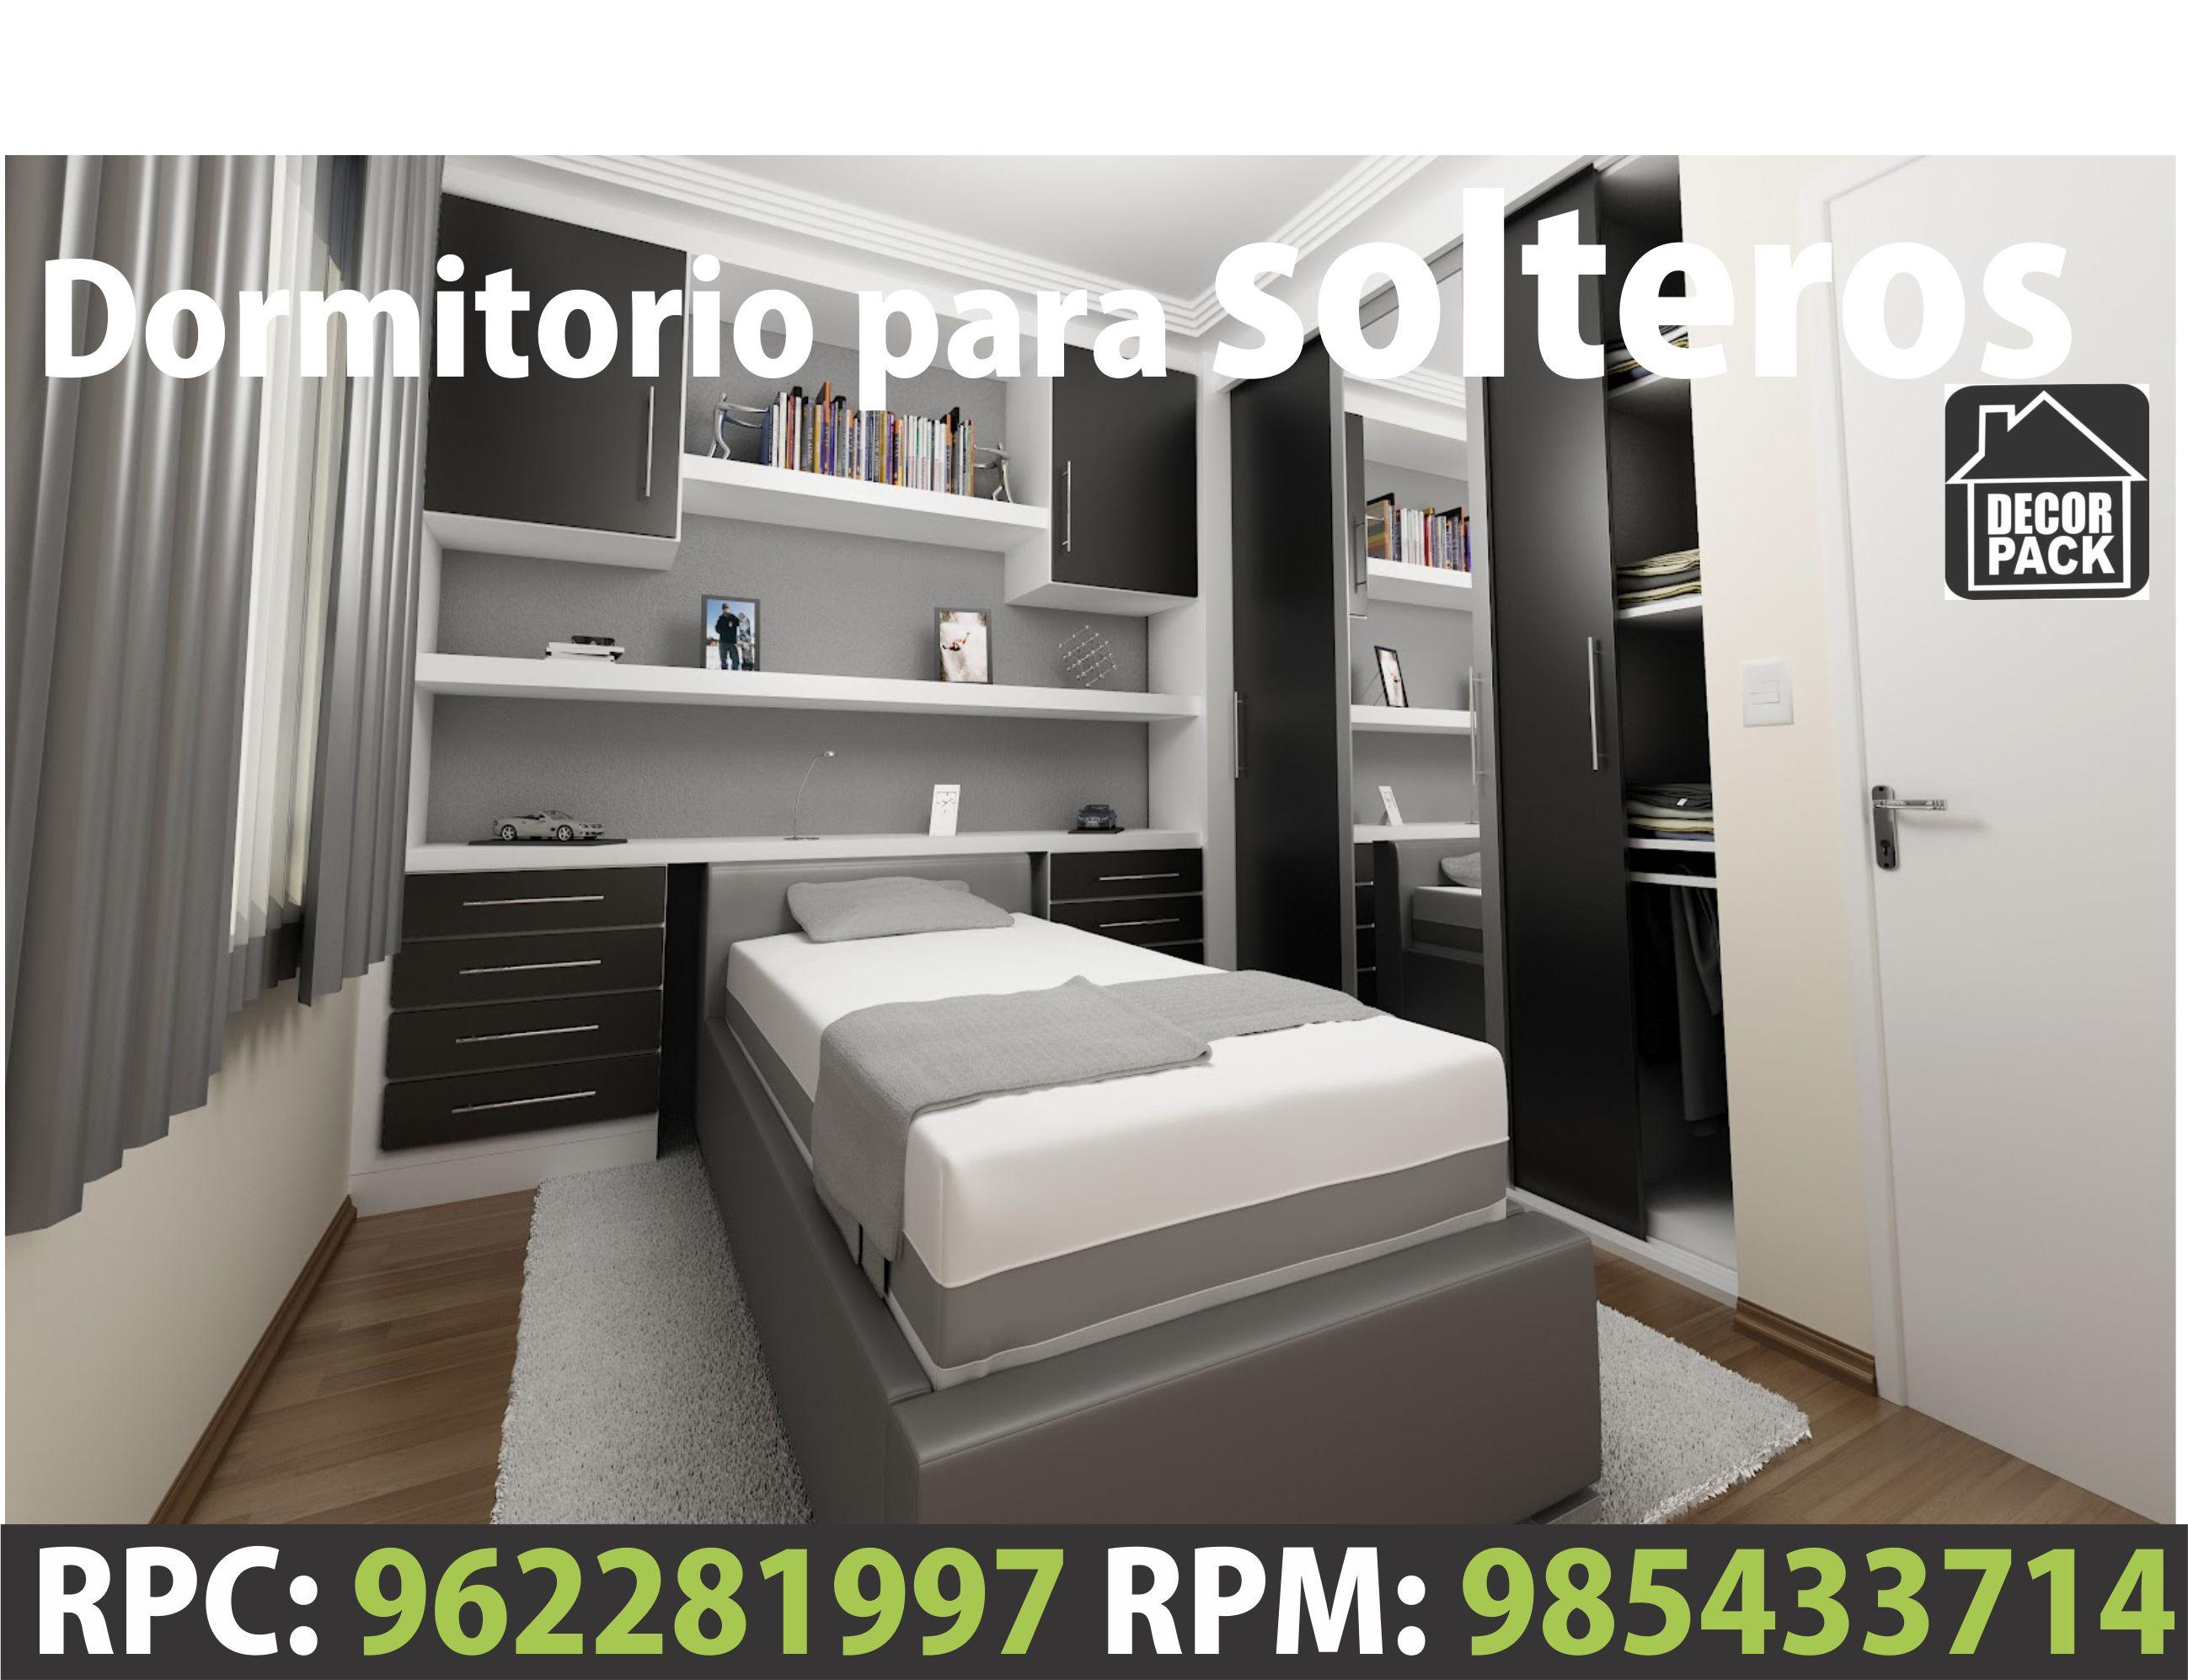 Dormitorios para solteros 2018 mulher de 40 Faro-90621